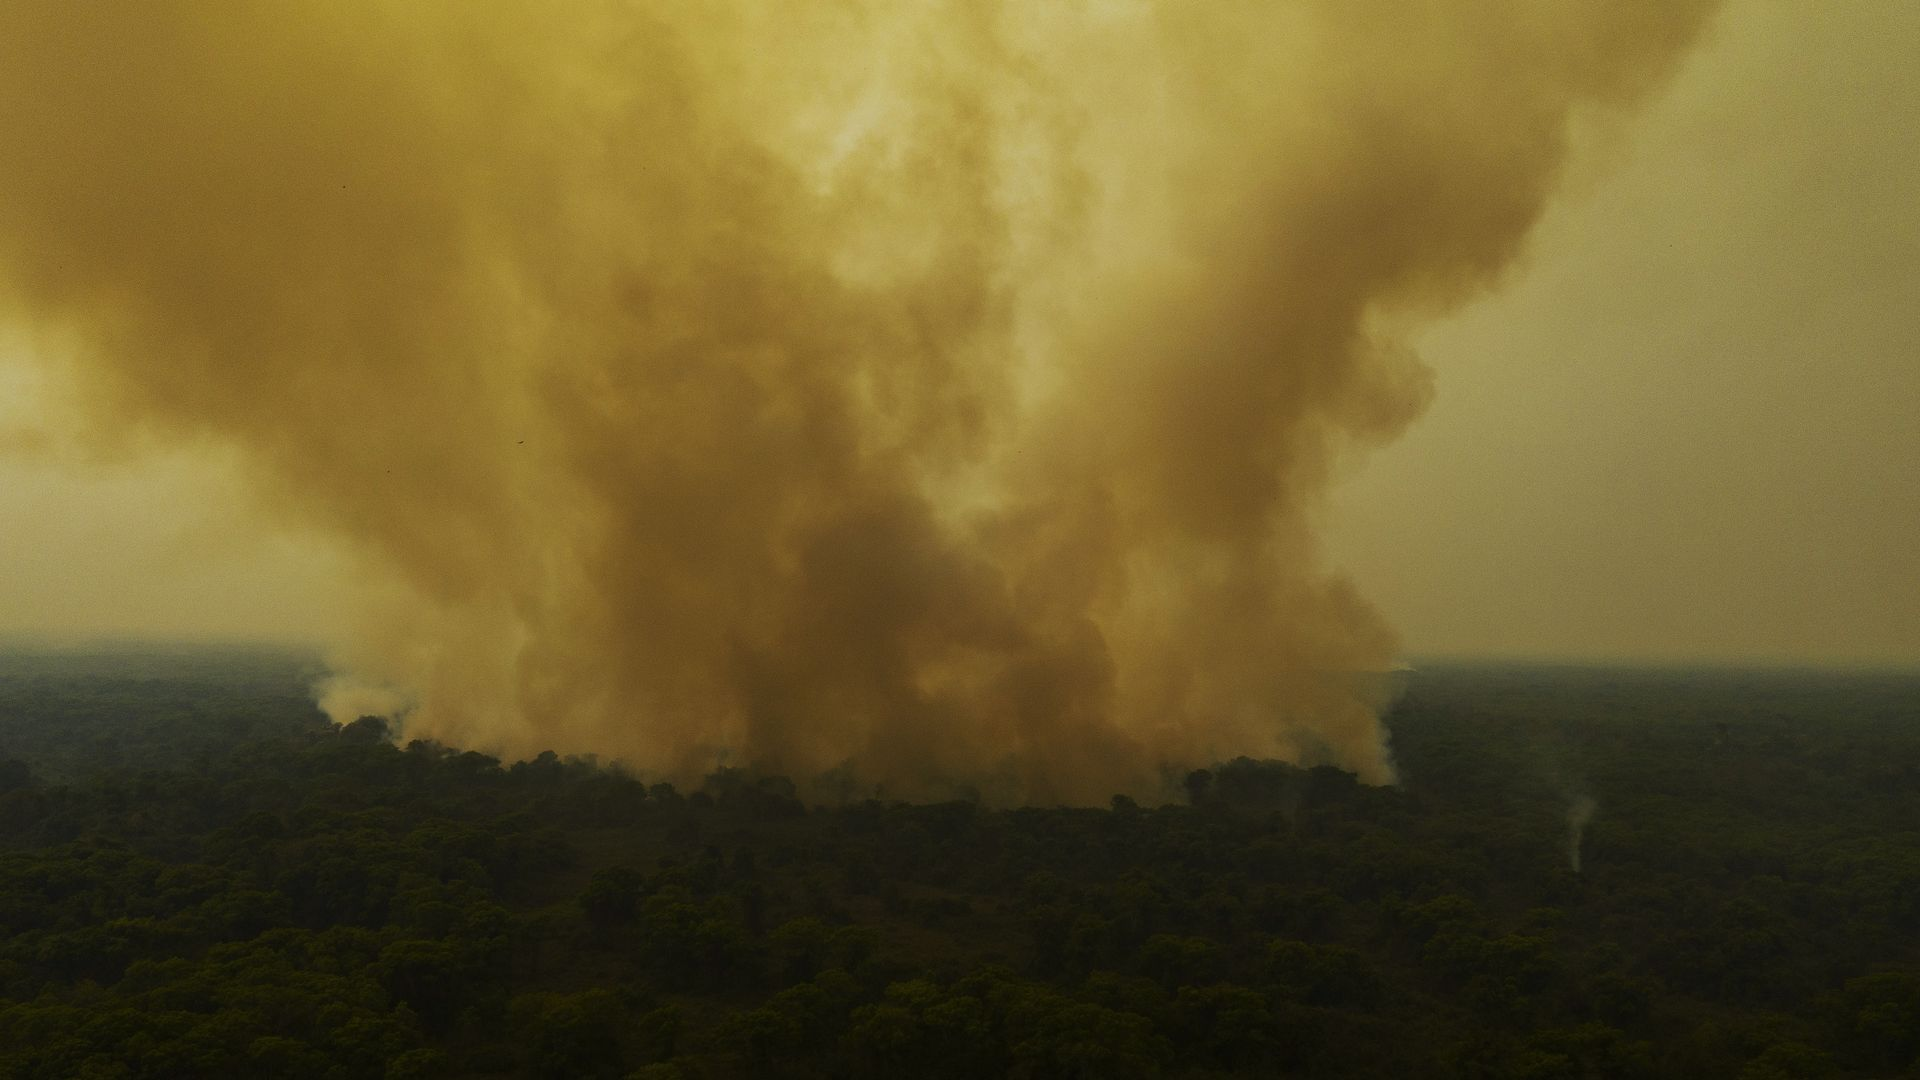 POCONE, MT, 07.09.2020 - QUEIMADA-PANTANAL - Vegetação é consumida pelo fogo ao longo da rodovia Transpantaneira, no Mato Grosso. O Pantanal foi o bioma mais atingido proporcionalmente pelas queimadas esse ano, com quase 10% de sua área consumida pelo fogo. (Foto: Lalo de Almeida/Folhapress)